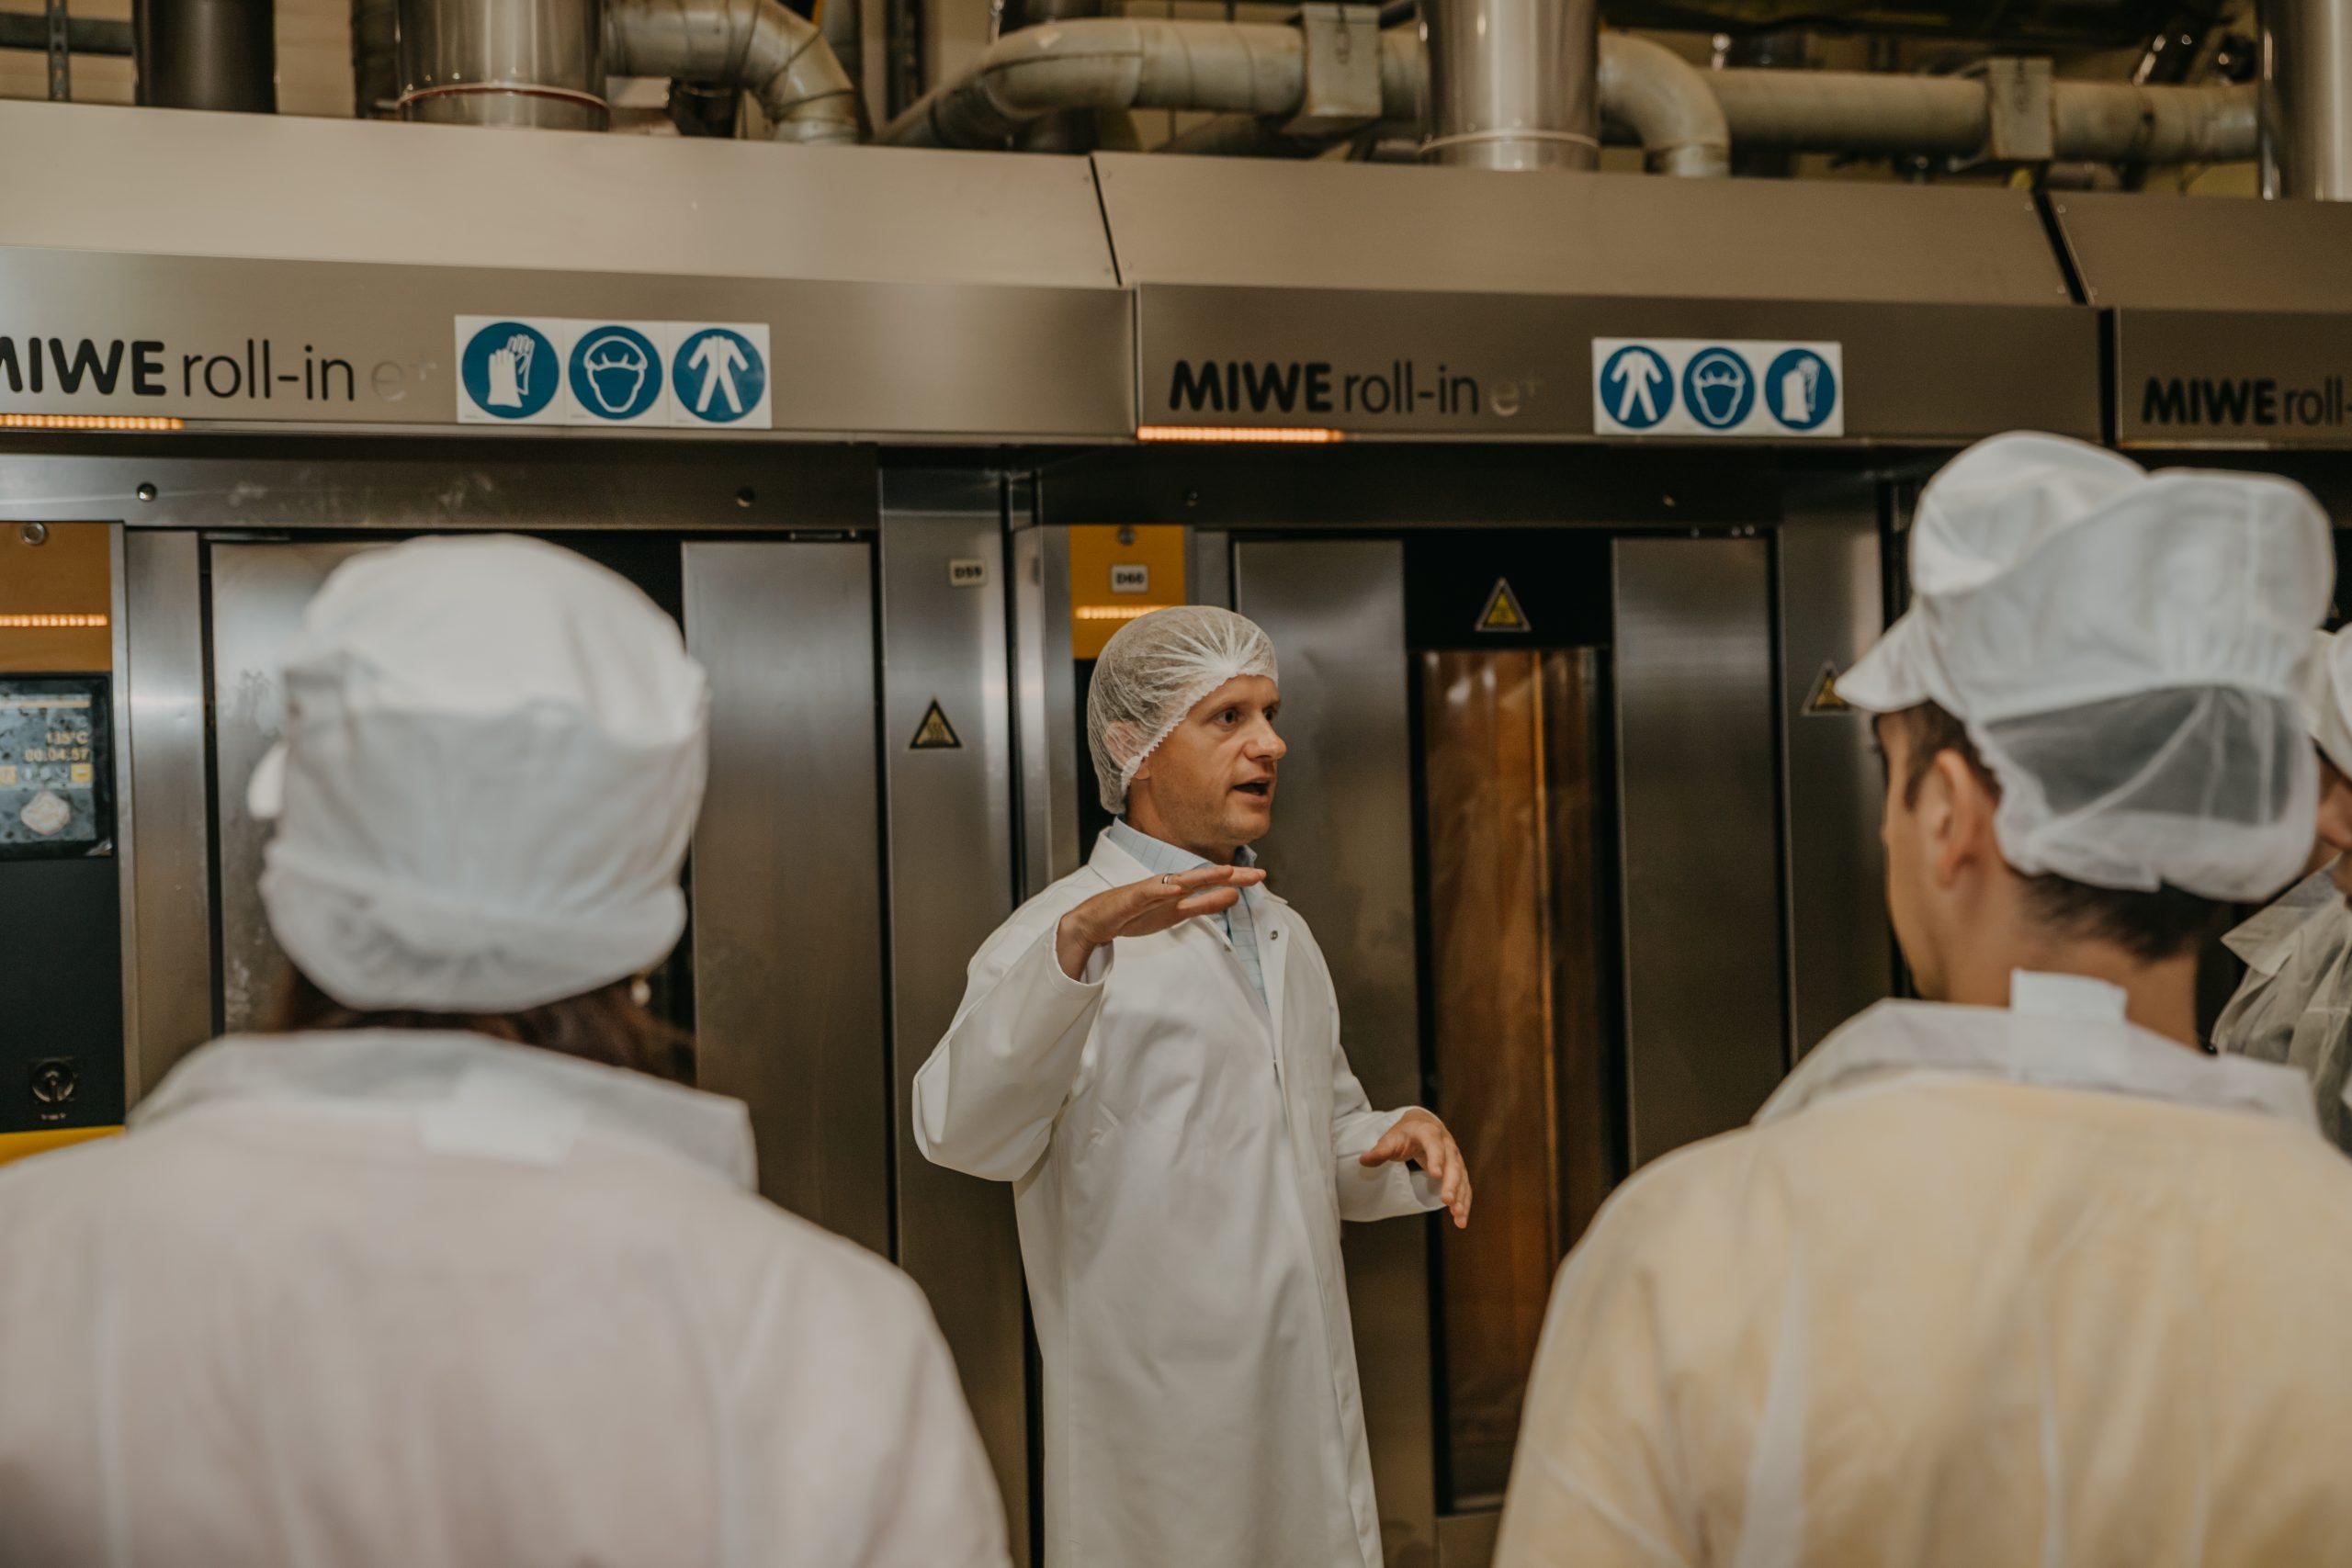 """""""Biržų duoną"""" stumti iš autsaiderės į lyderes Andrius Kurganovas tėvams padėjo beveik nuo pradžių"""